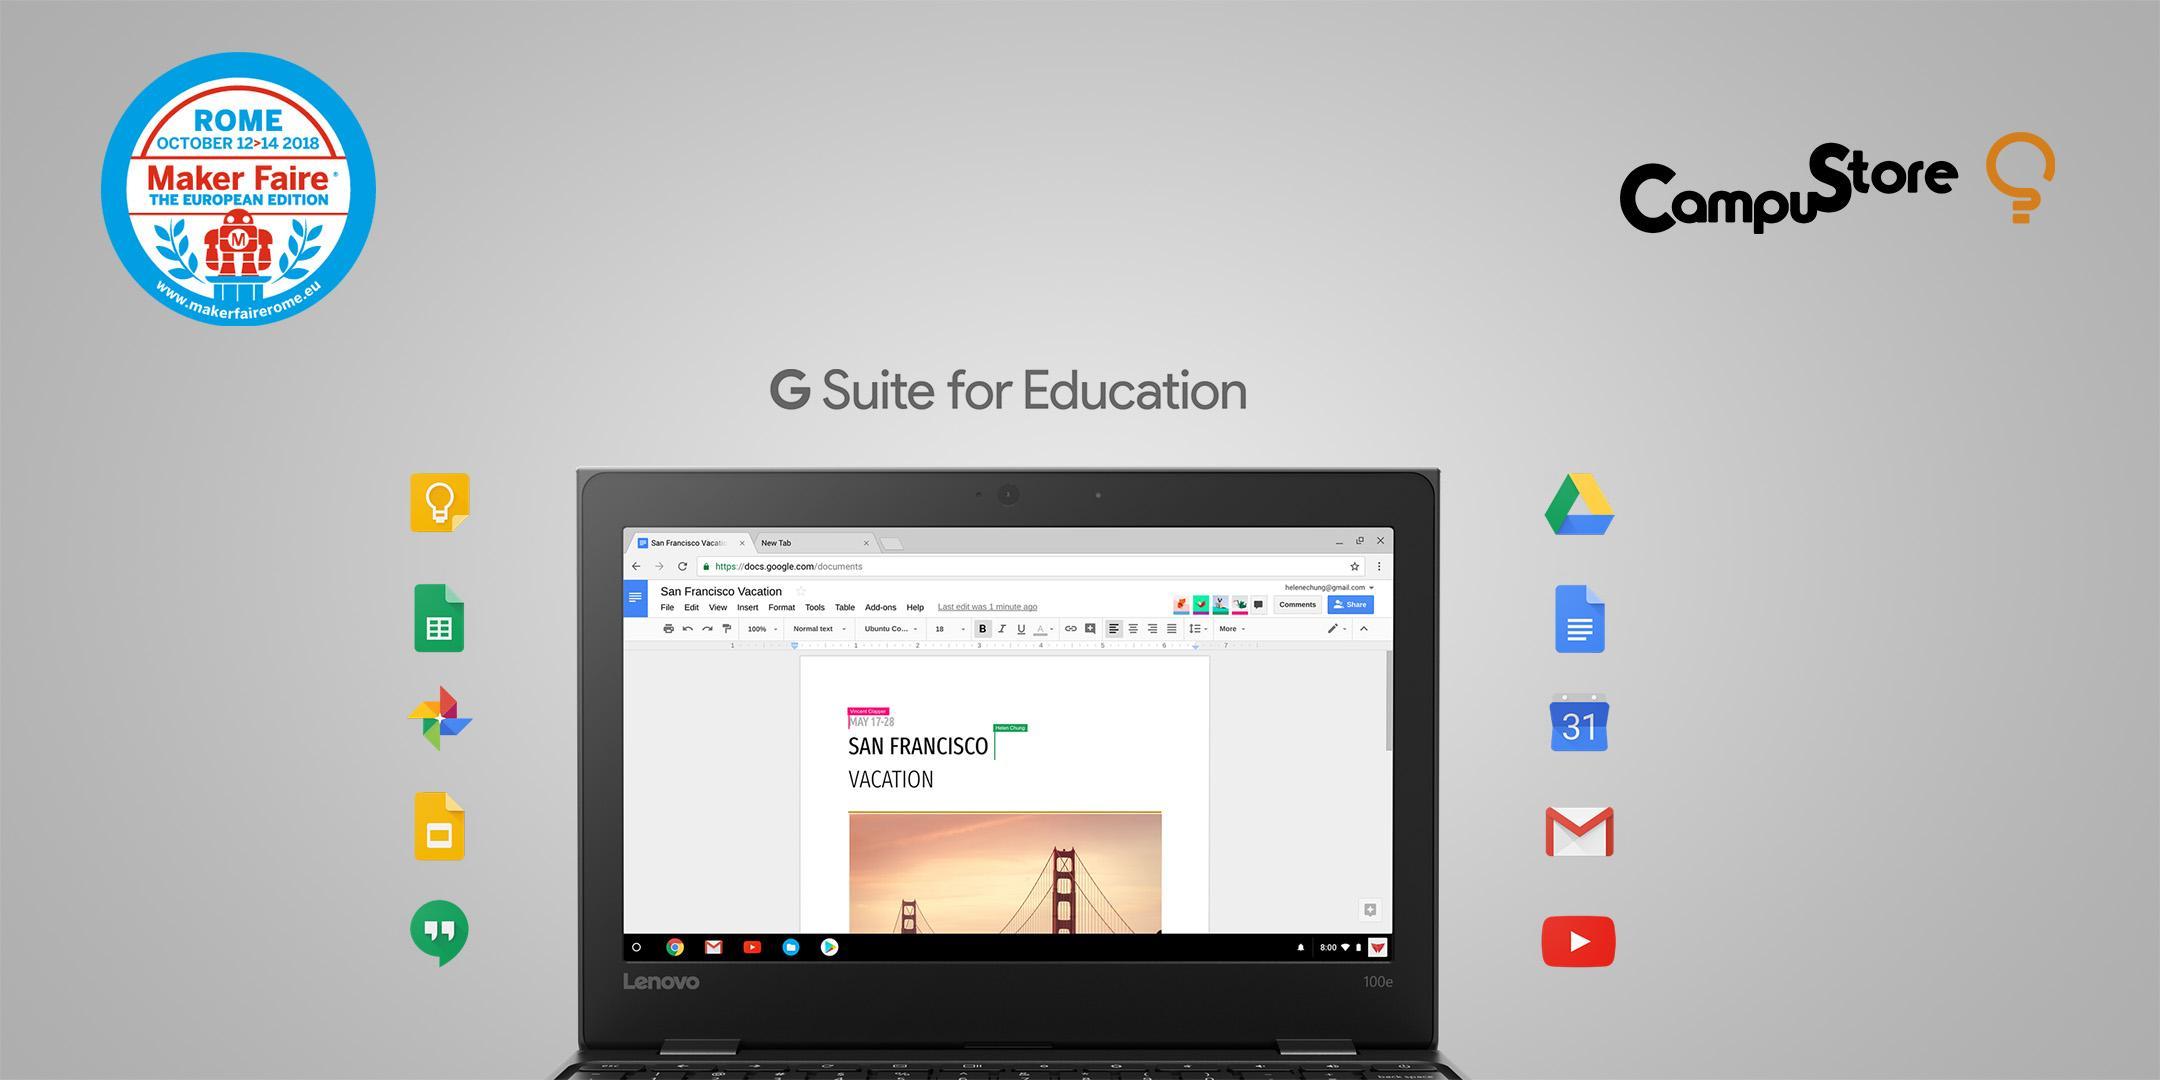 ChromeBook e G Suite: utilizzare Google for Education a scuola